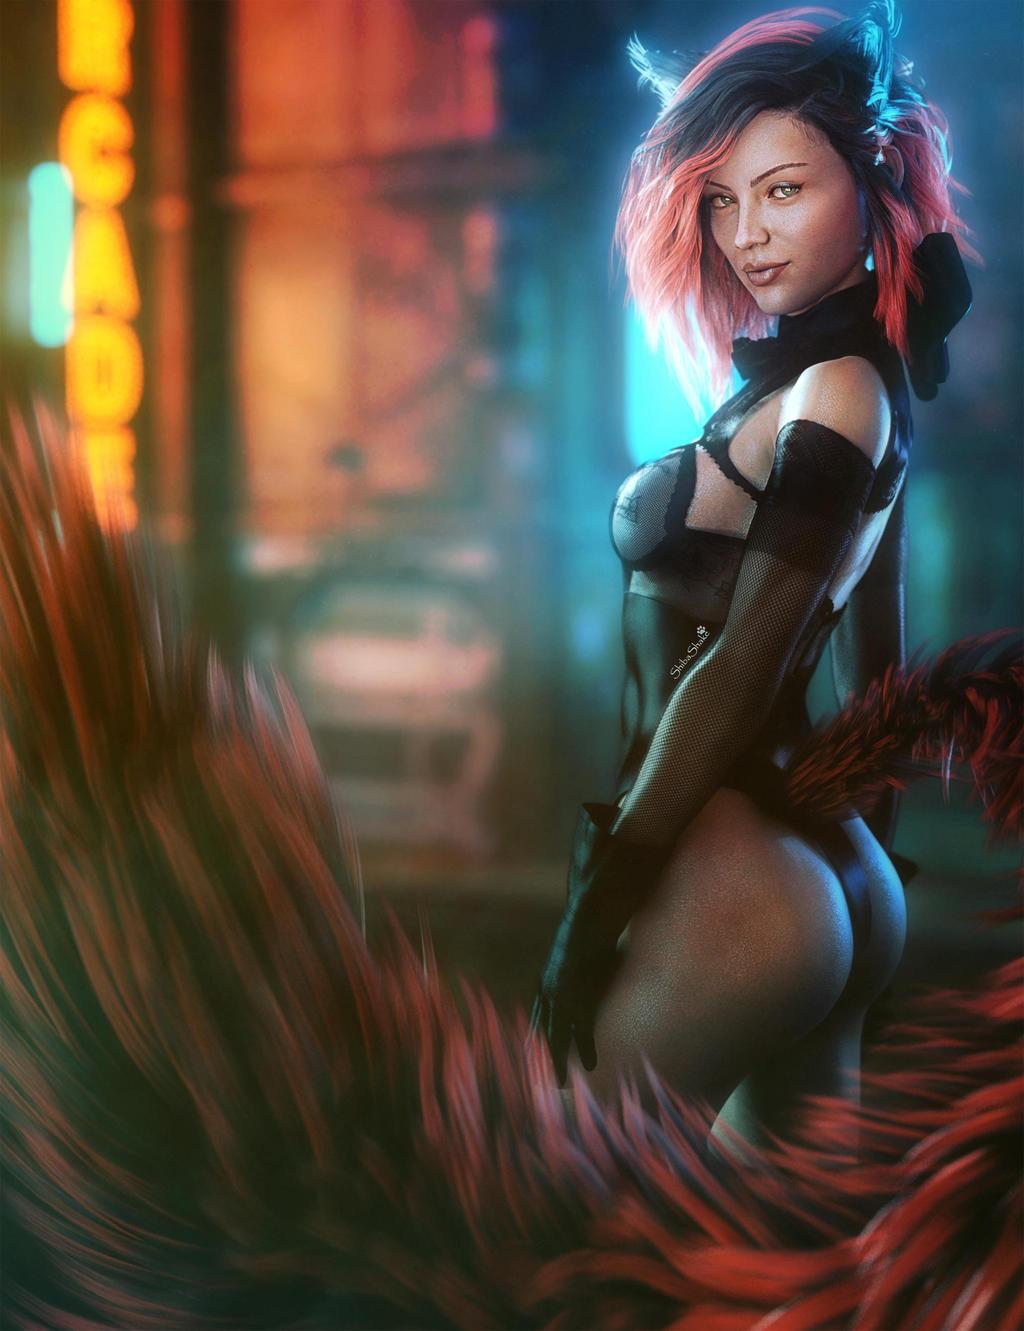 Taking a Break, Cyborg Woman Sci-Fi Fantasy Art by